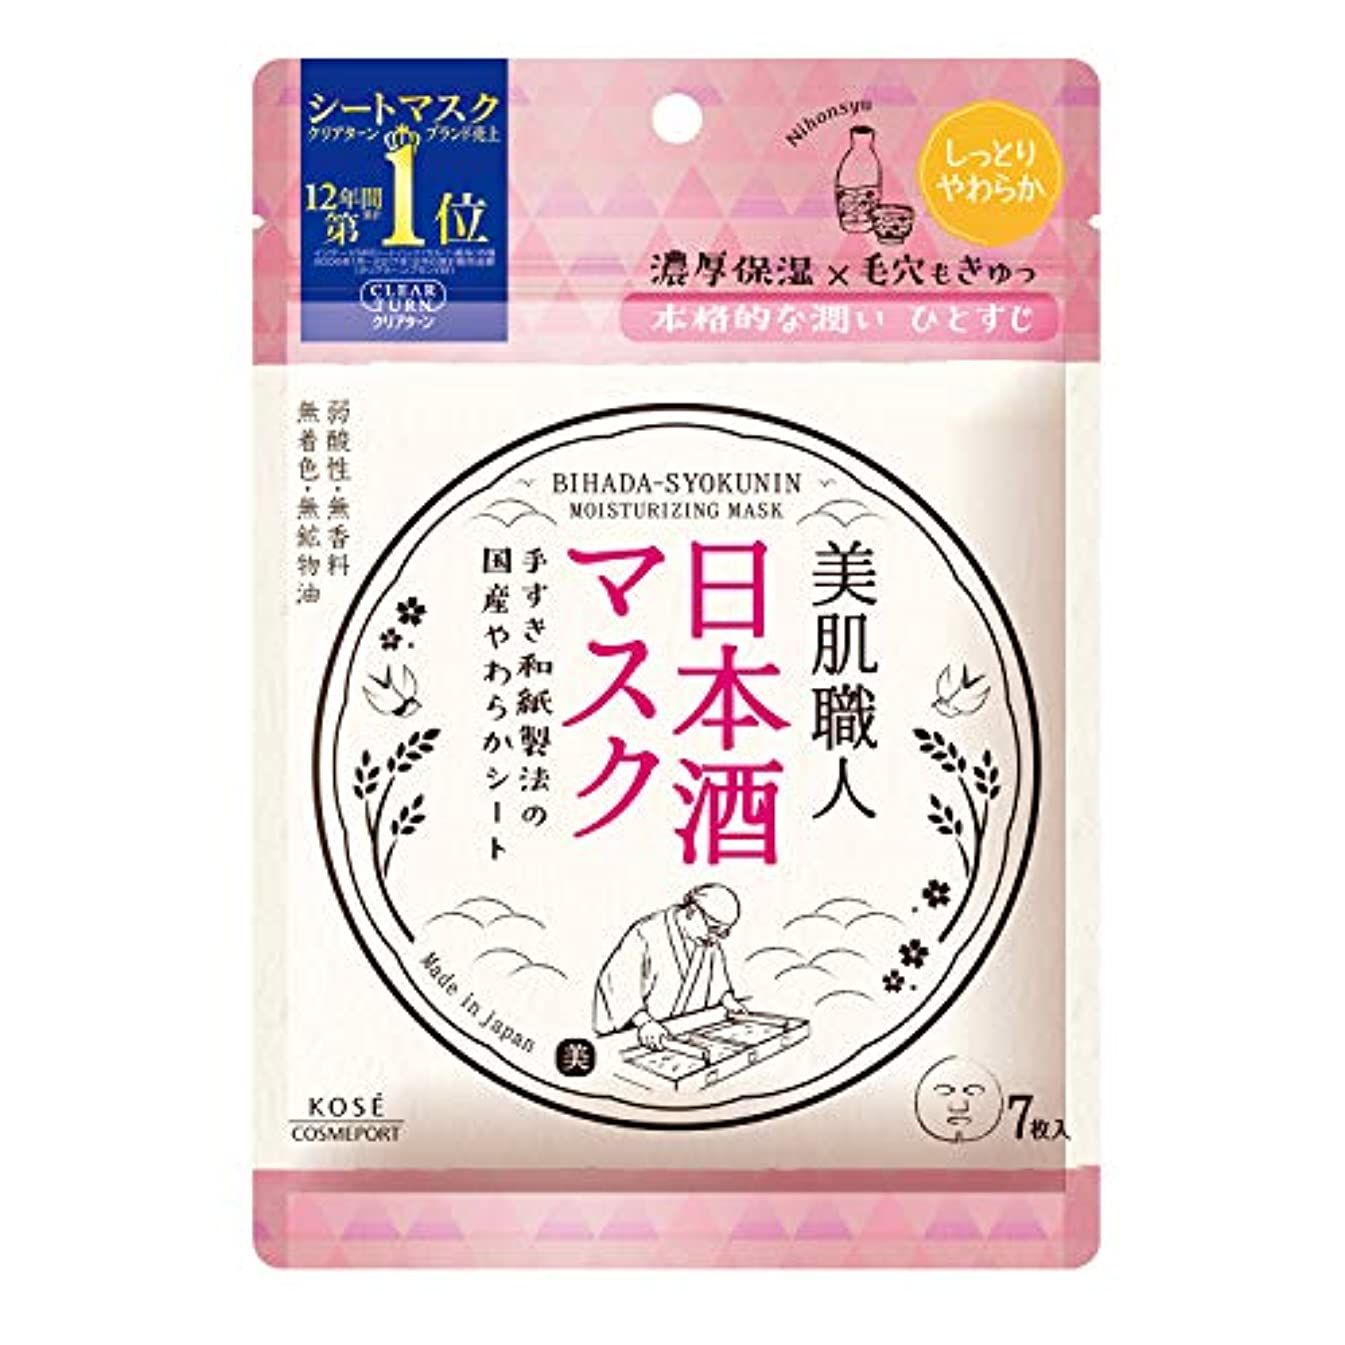 小川なにホットKOSE コーセー クリアターン 美肌職人 日本酒 マスク 7枚 フェイスマスク